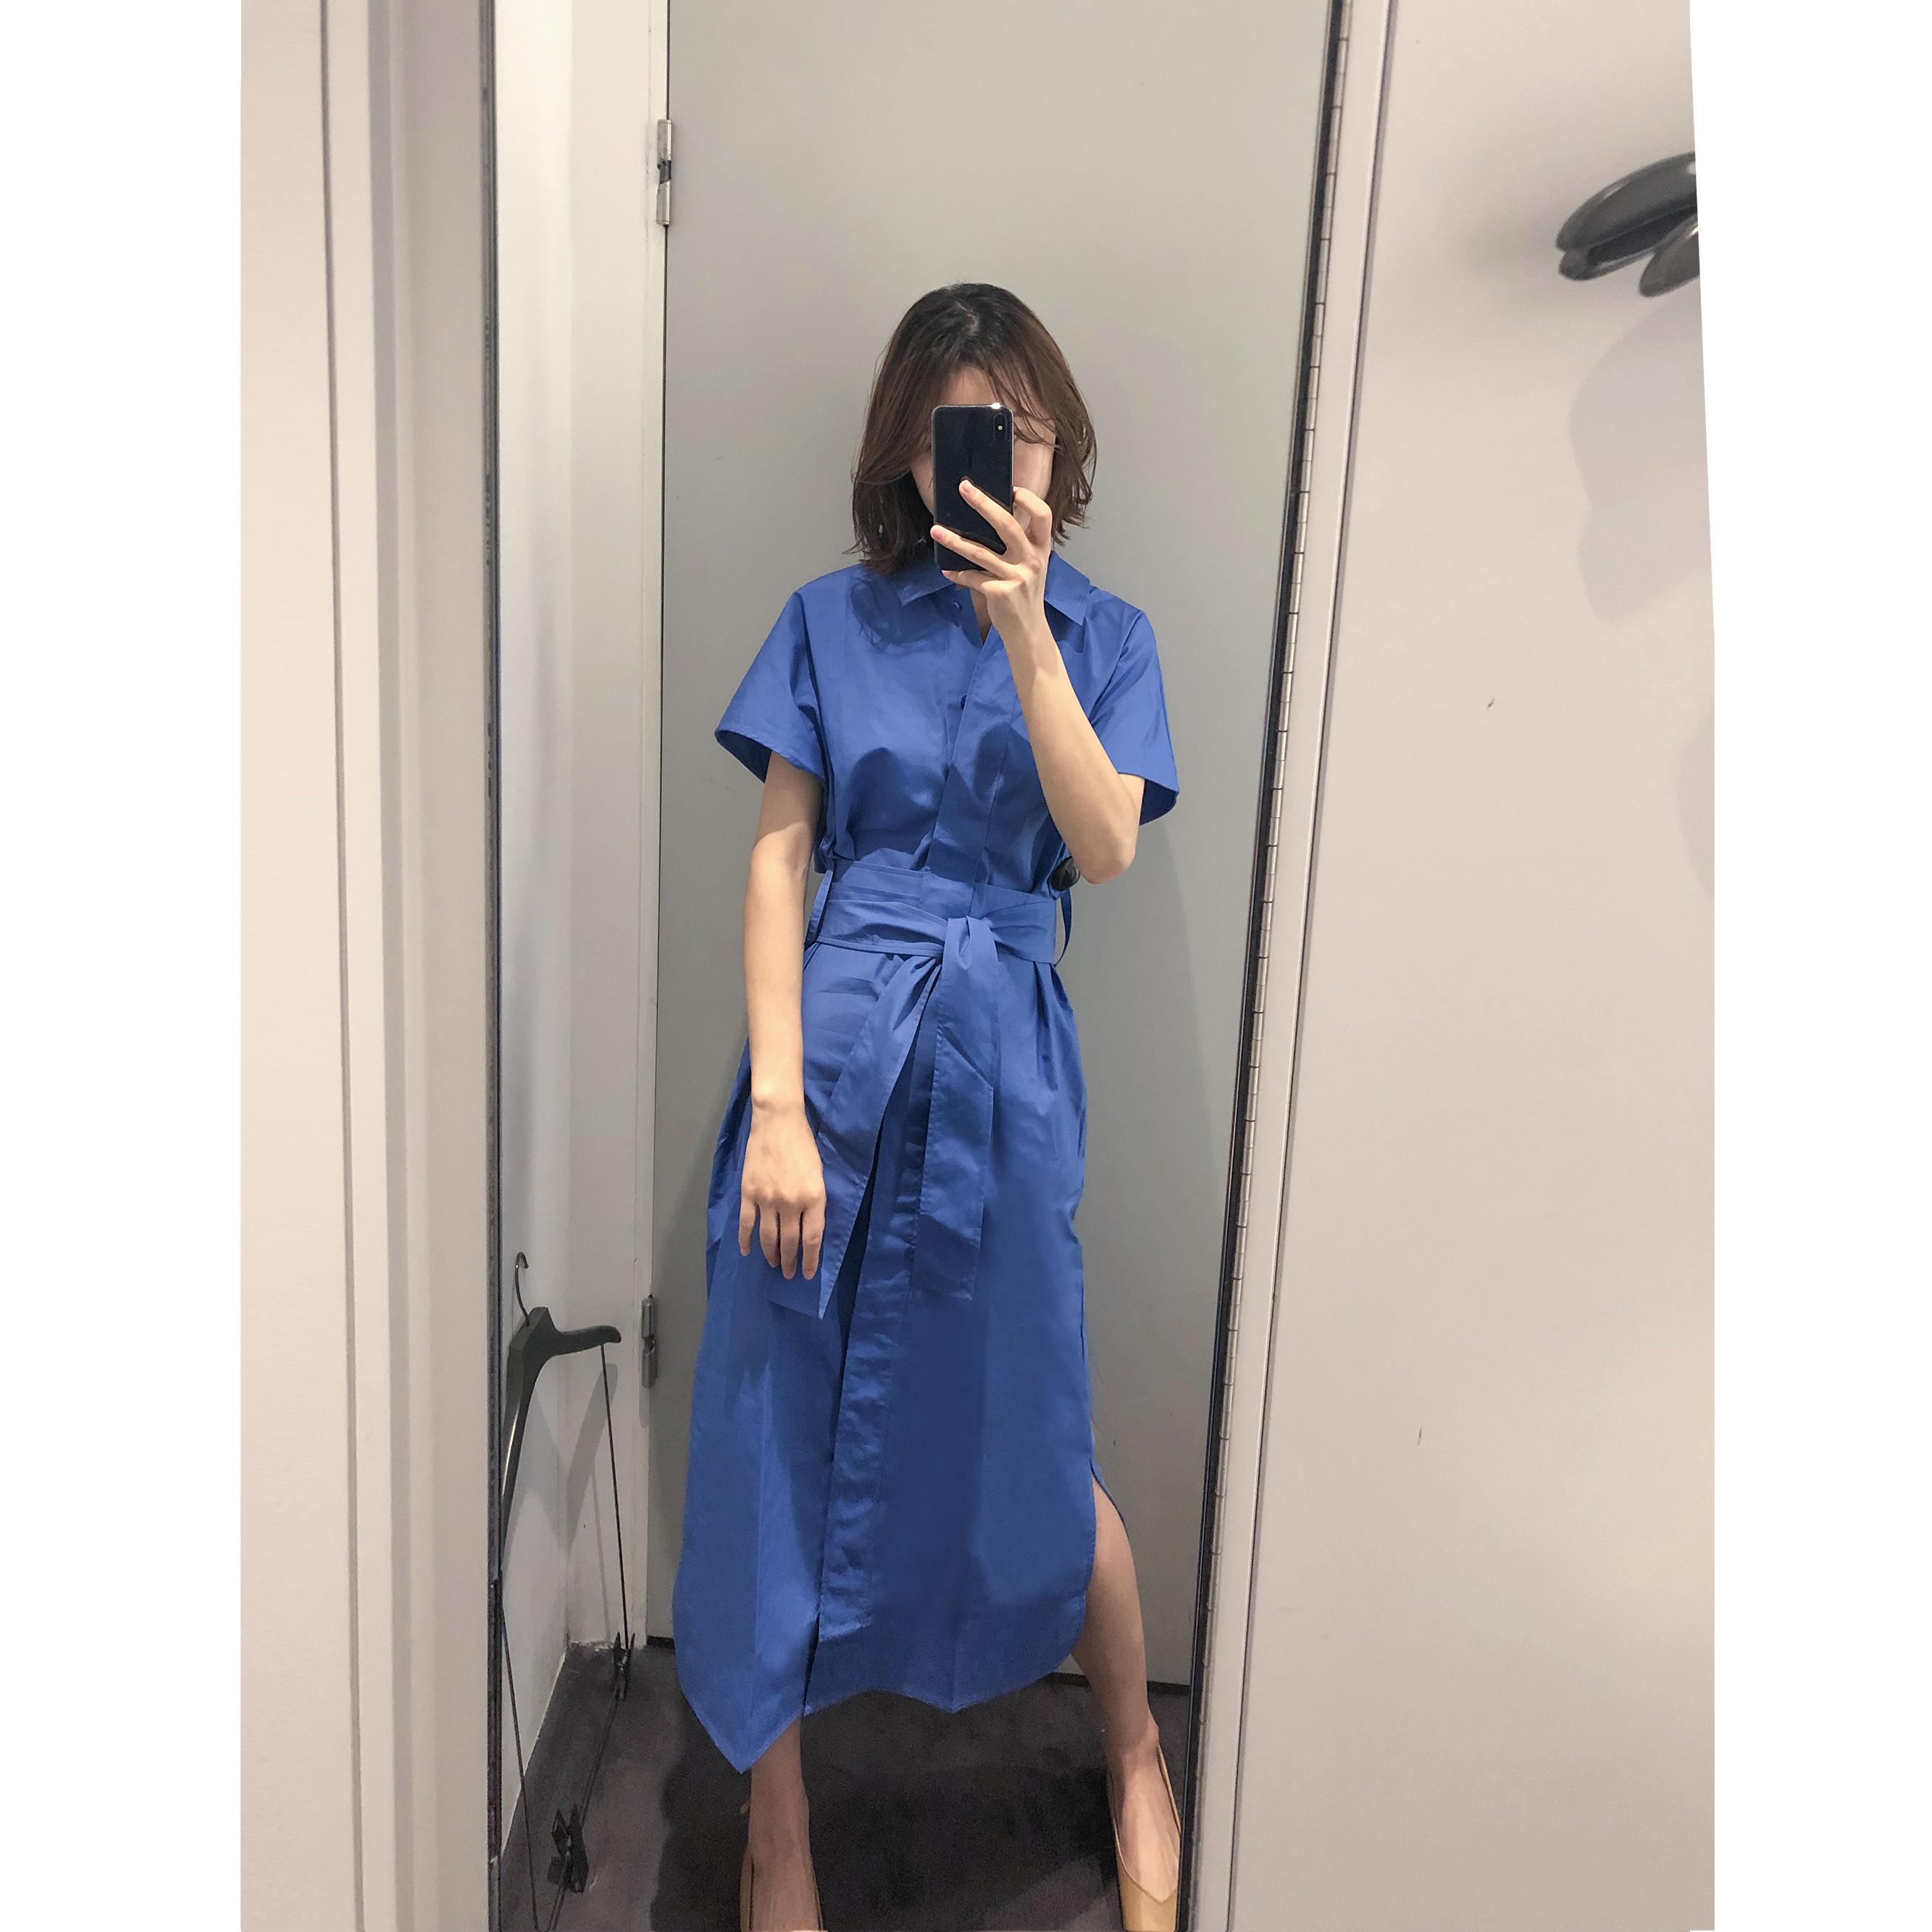 券后218.00元简约气质cos风藏蓝色系带收腰连衣裙2019夏季新款衬衫裙女修身